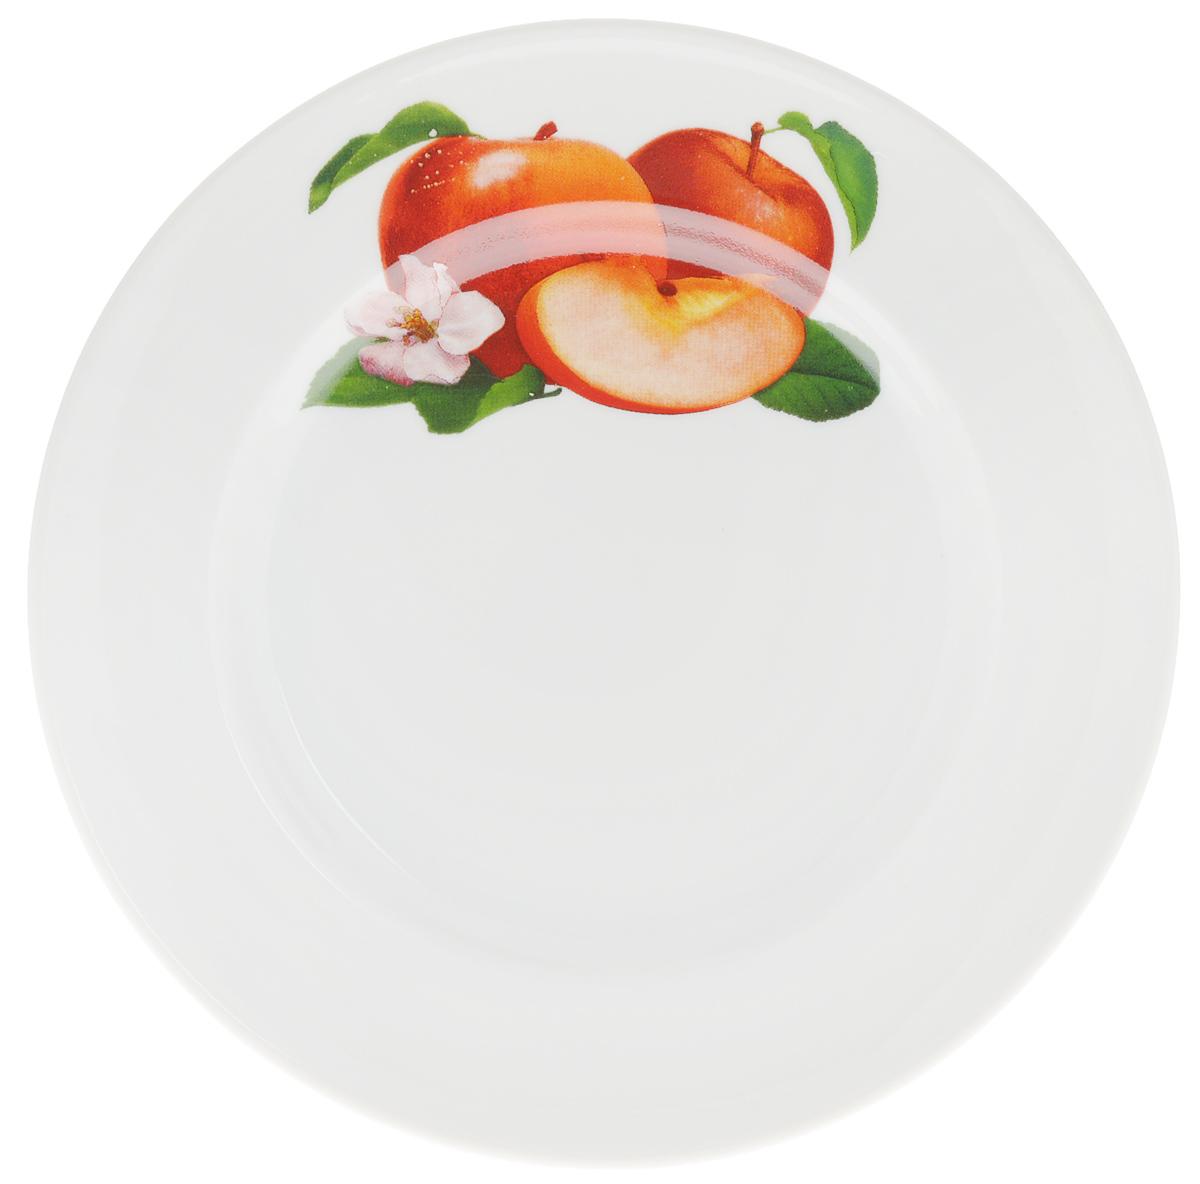 Тарелка Яблоко, диаметр 20 см1303841_белыйТарелка Яблоко, изготовленная из высококачественного фарфора, имеет изысканный внешний вид. Яркий дизайн придется по вкусу и ценителям классики, и тем, кто предпочитает утонченность. Тарелка Яблоко идеально подойдет для сервировки стола и станет отличным подарком к любому празднику.